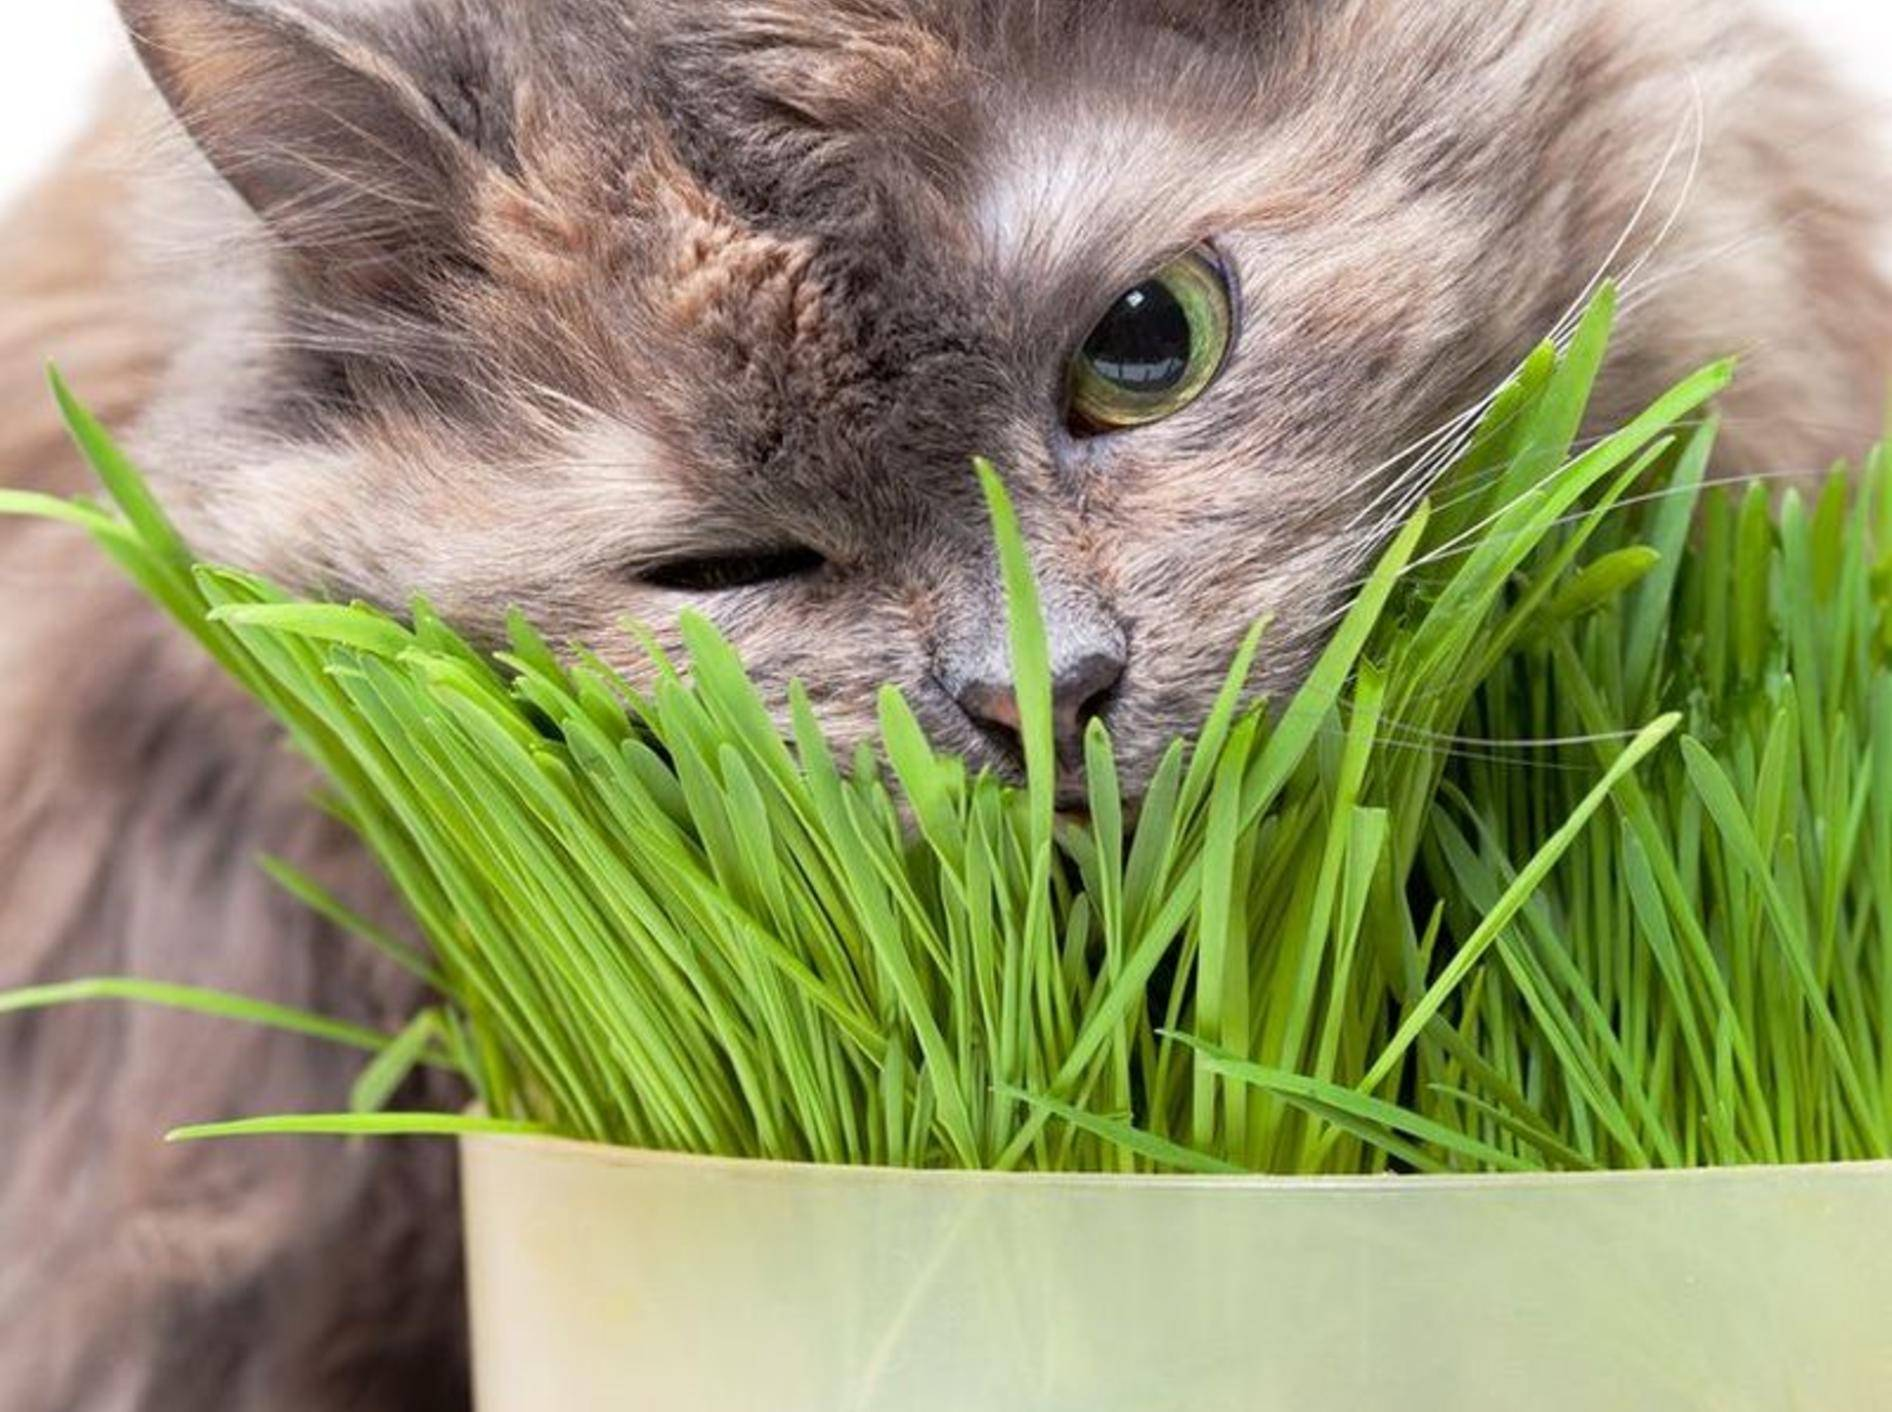 """""""Mmmh, lecker!"""": Diese Katze lässt sich das Katzengras schmecken – Bild: Shutterstock / Discovod"""